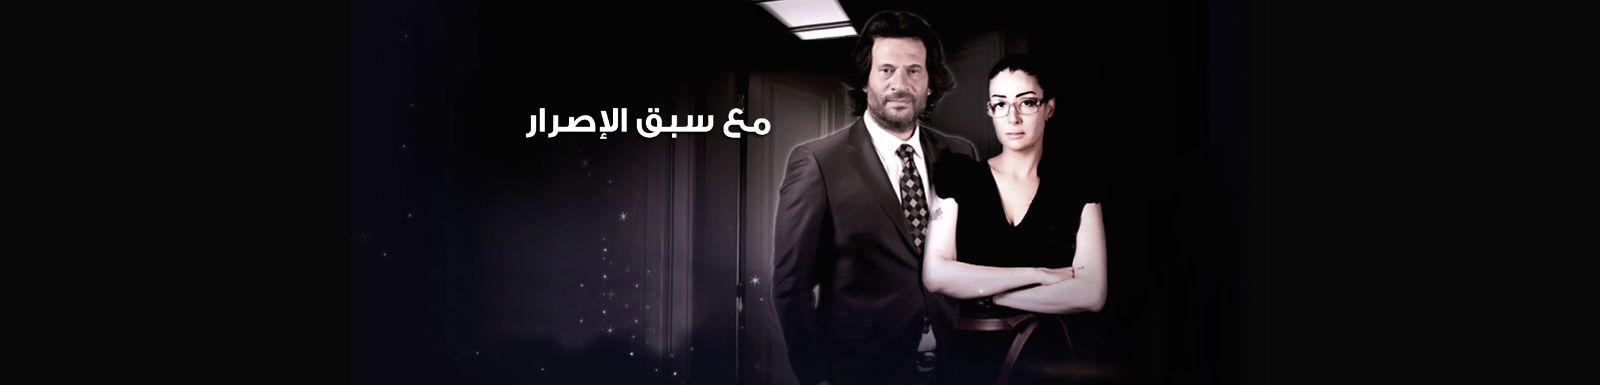 بالصور كلمات اغنية تتر مسلسل مع سبق الاصرار , دراما غادة عبد الرازق 510 3